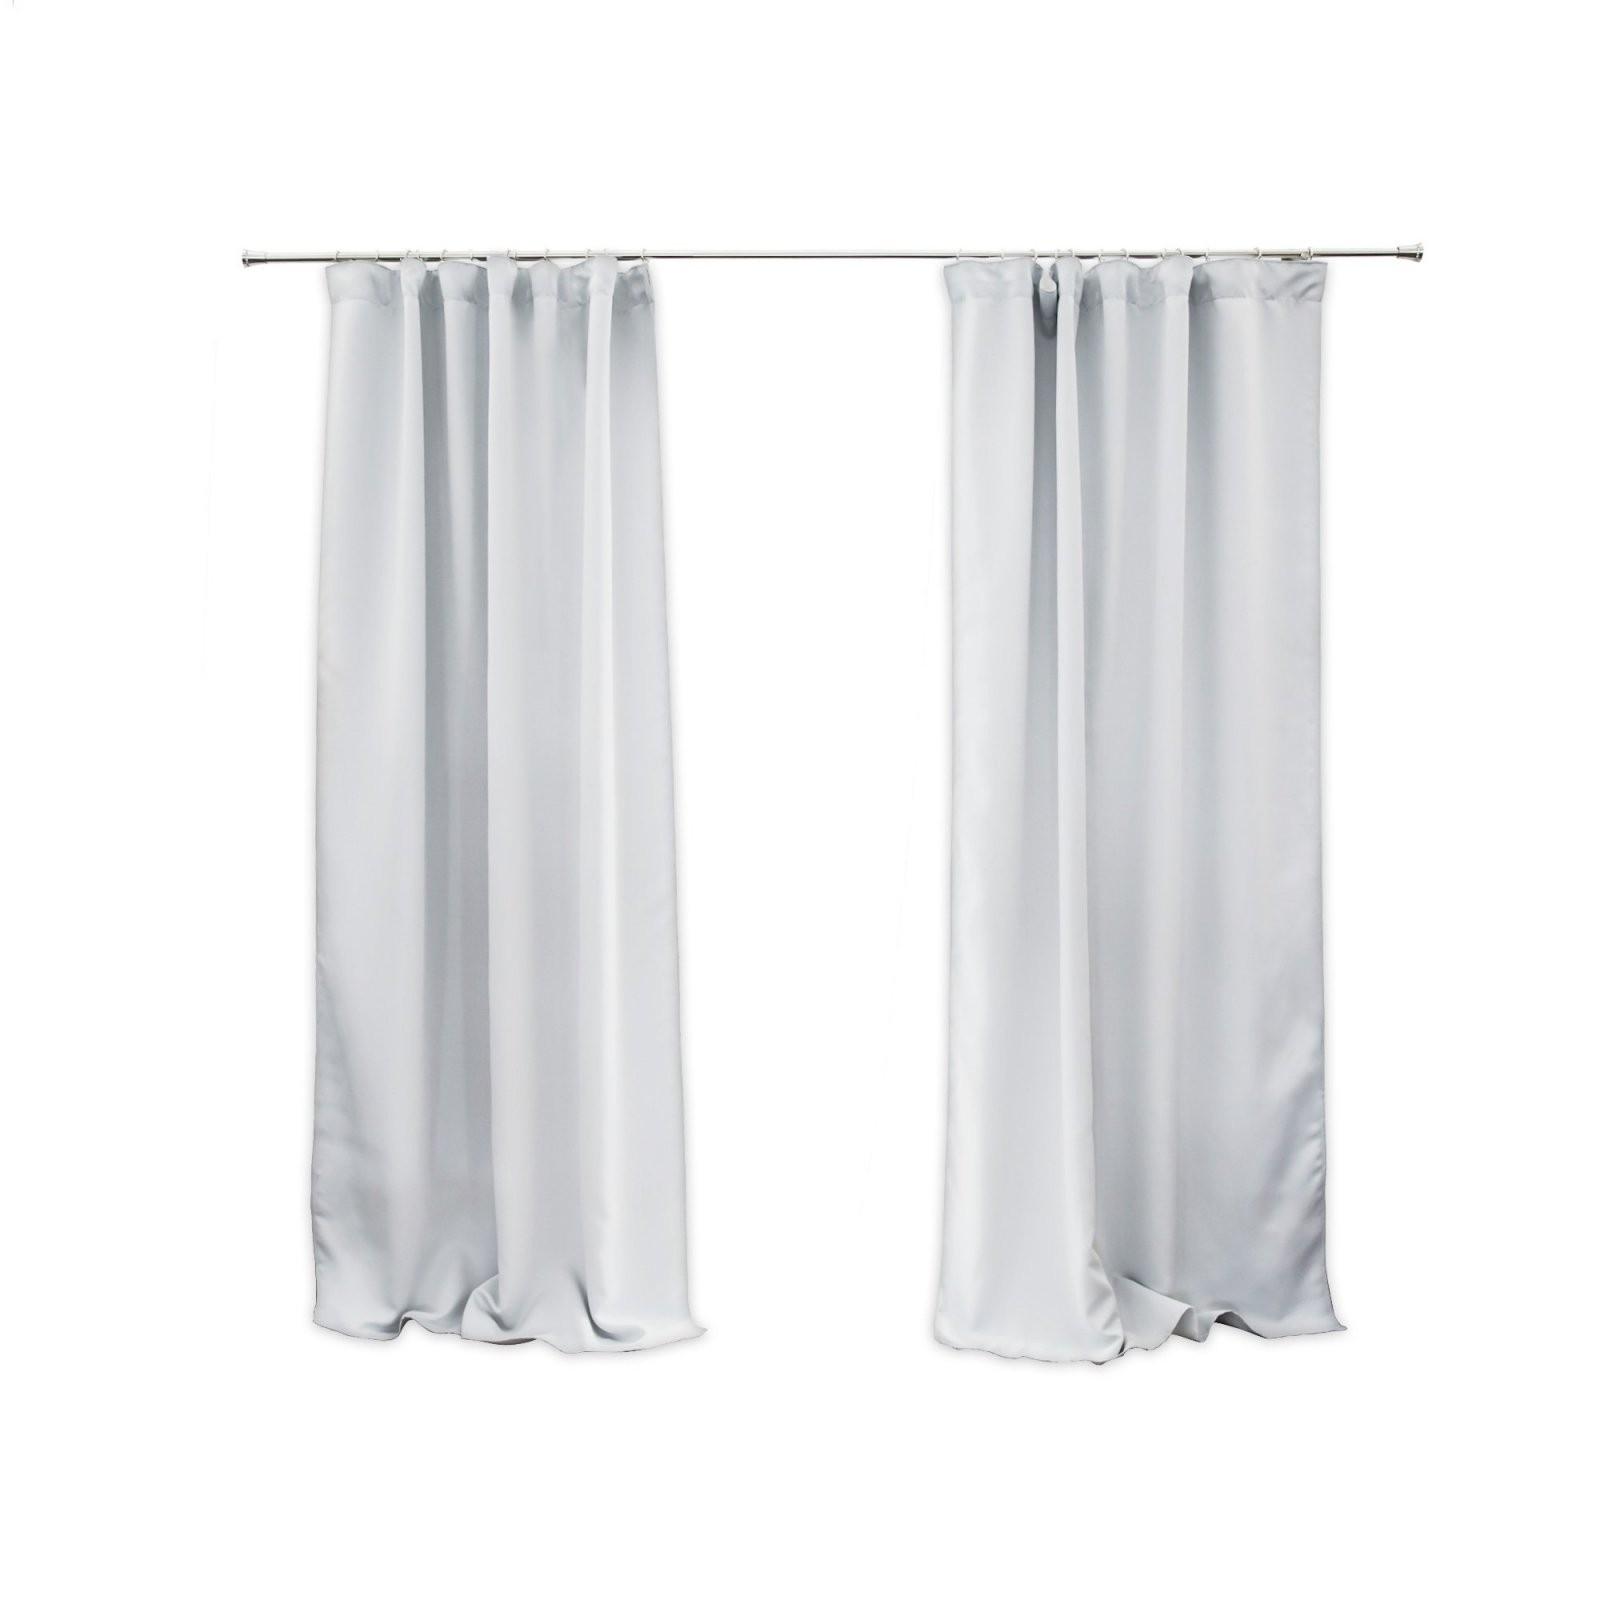 Vorhang Kräuselband  Vorhänge Mit Kräuselband Kaufen von Gardinen Mit Kräuselband Aufhängen Bild